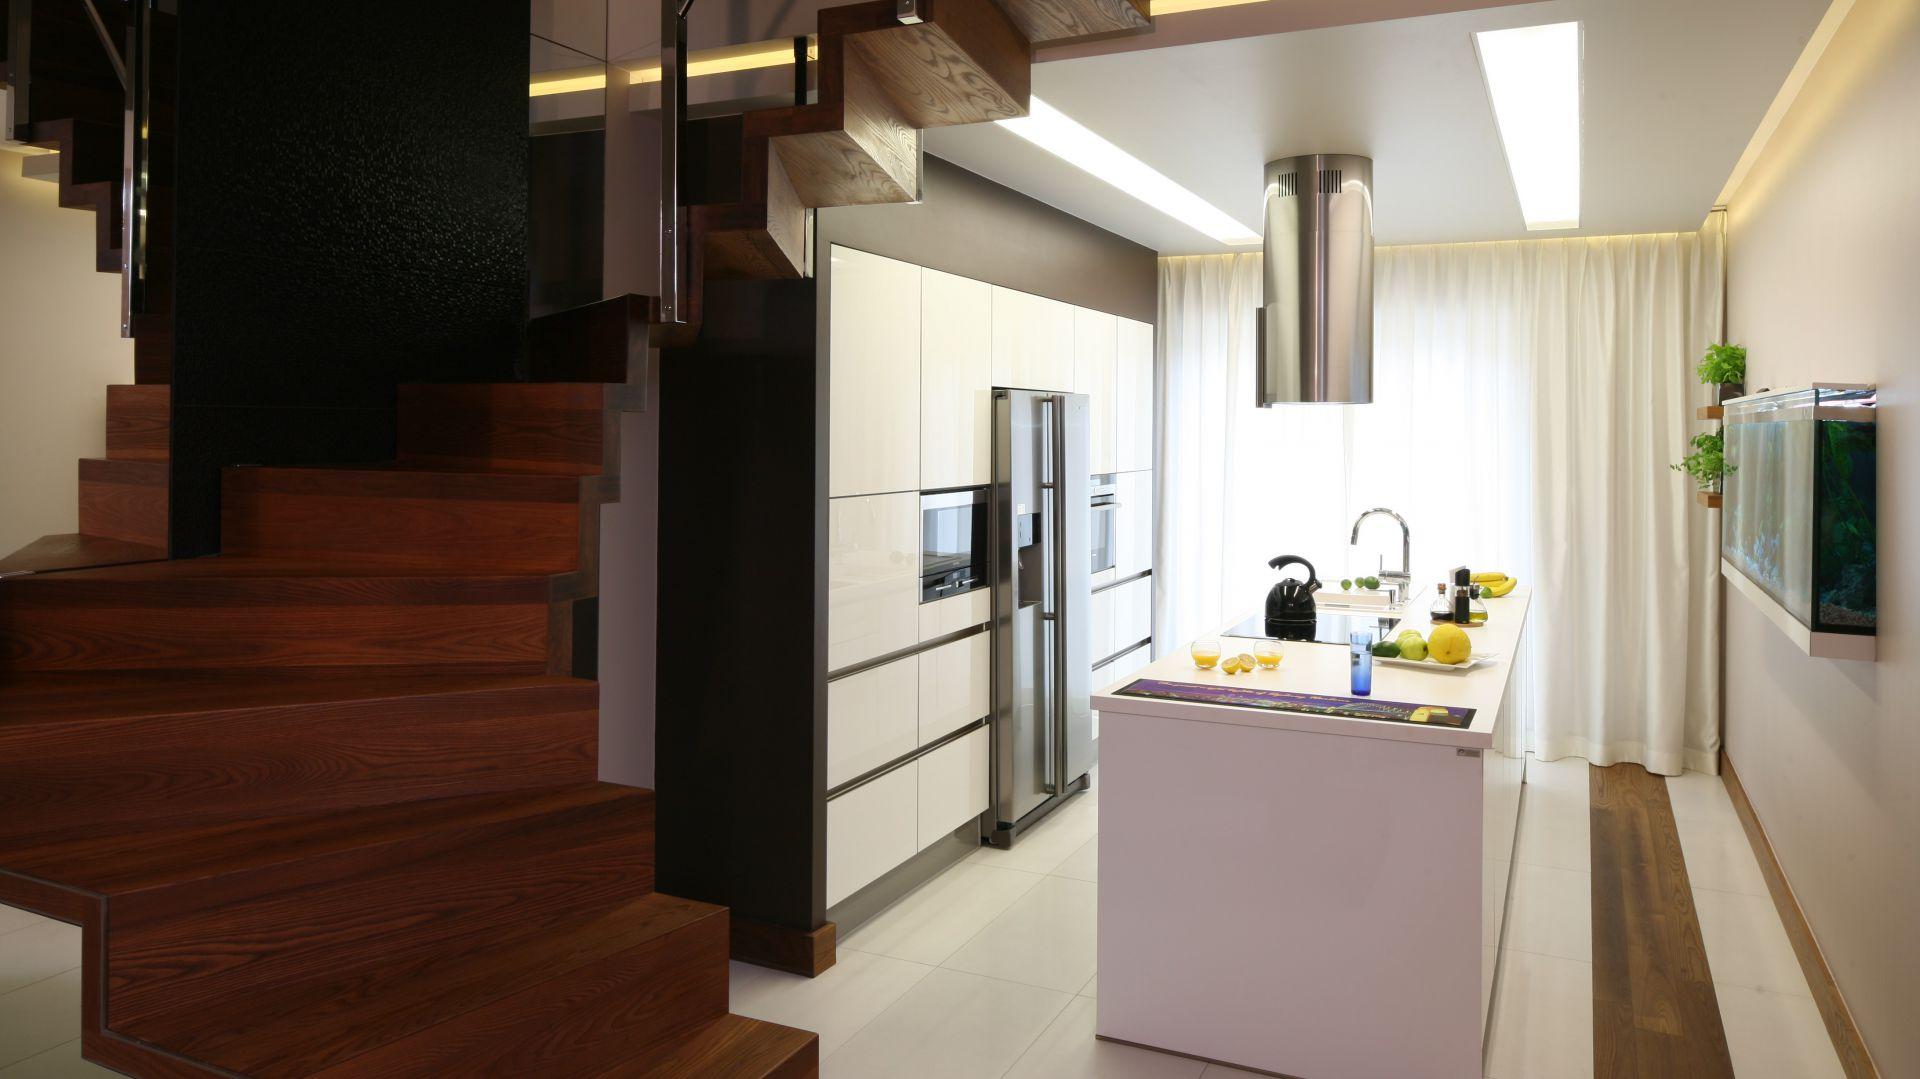 Wyspa W Kuchni Porady I Inspirujące Pomysły Architektów